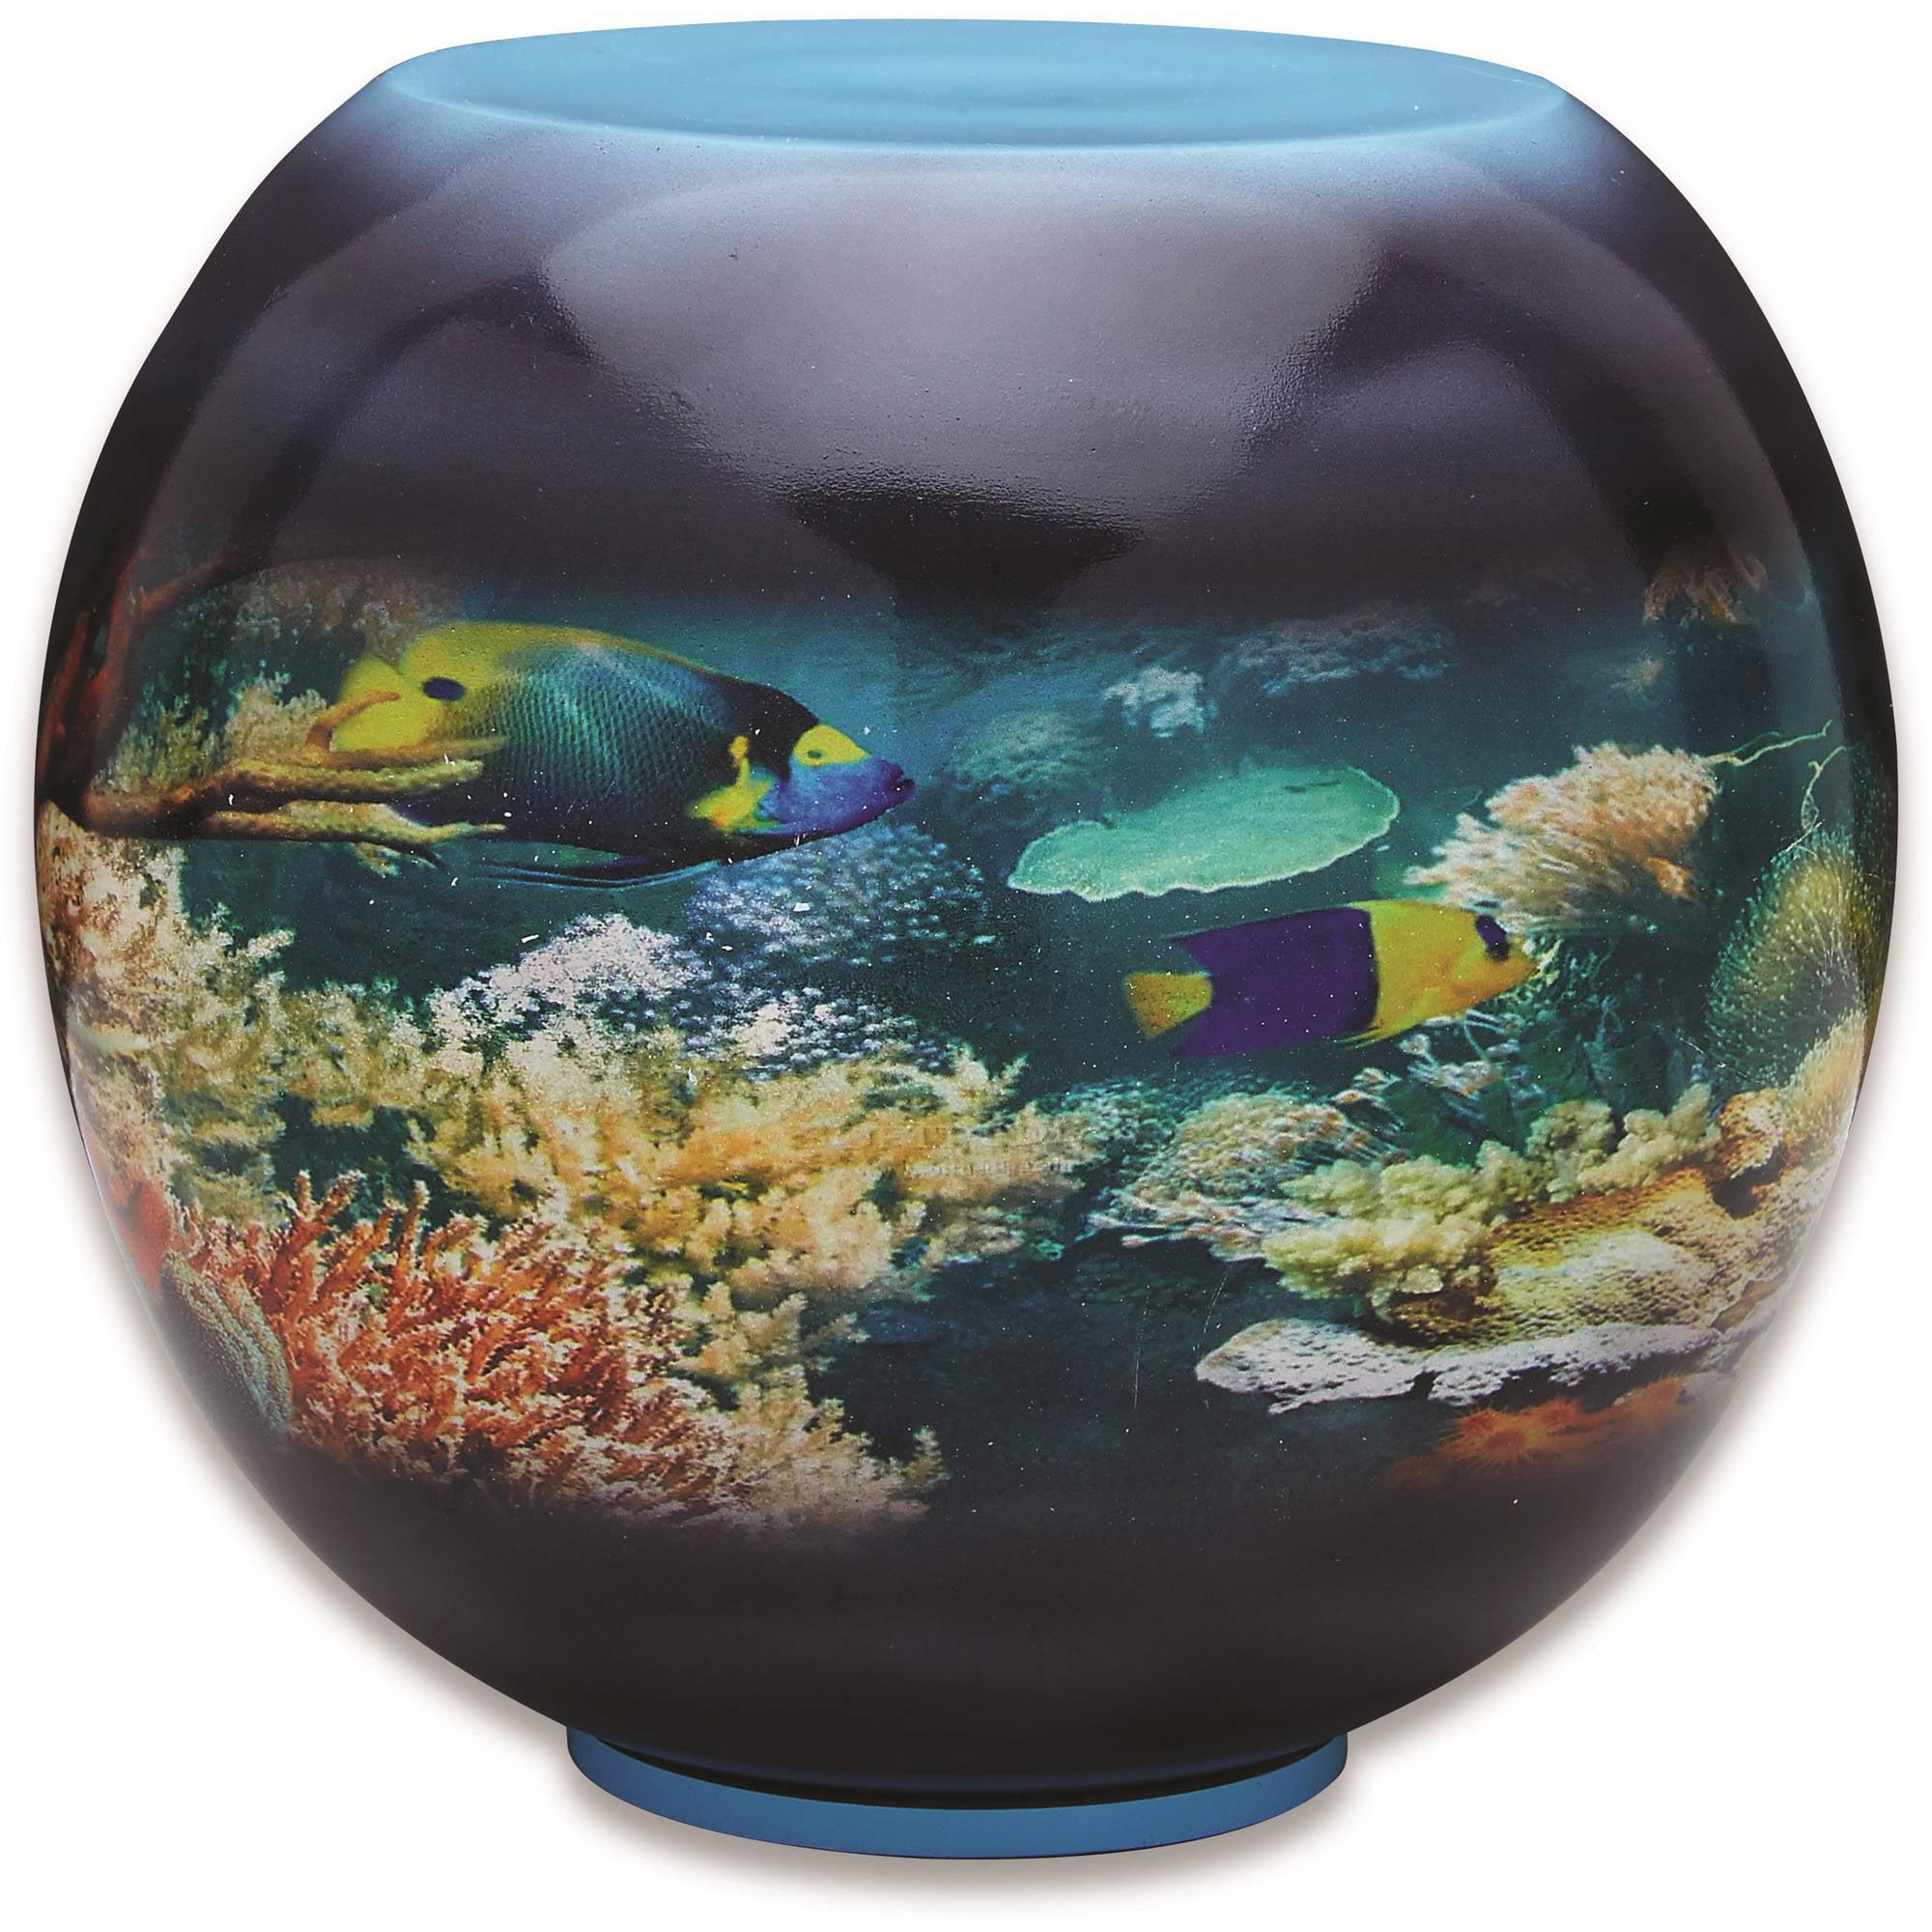 Urns Direct 2U Fishbowl Adult Cremation Urn